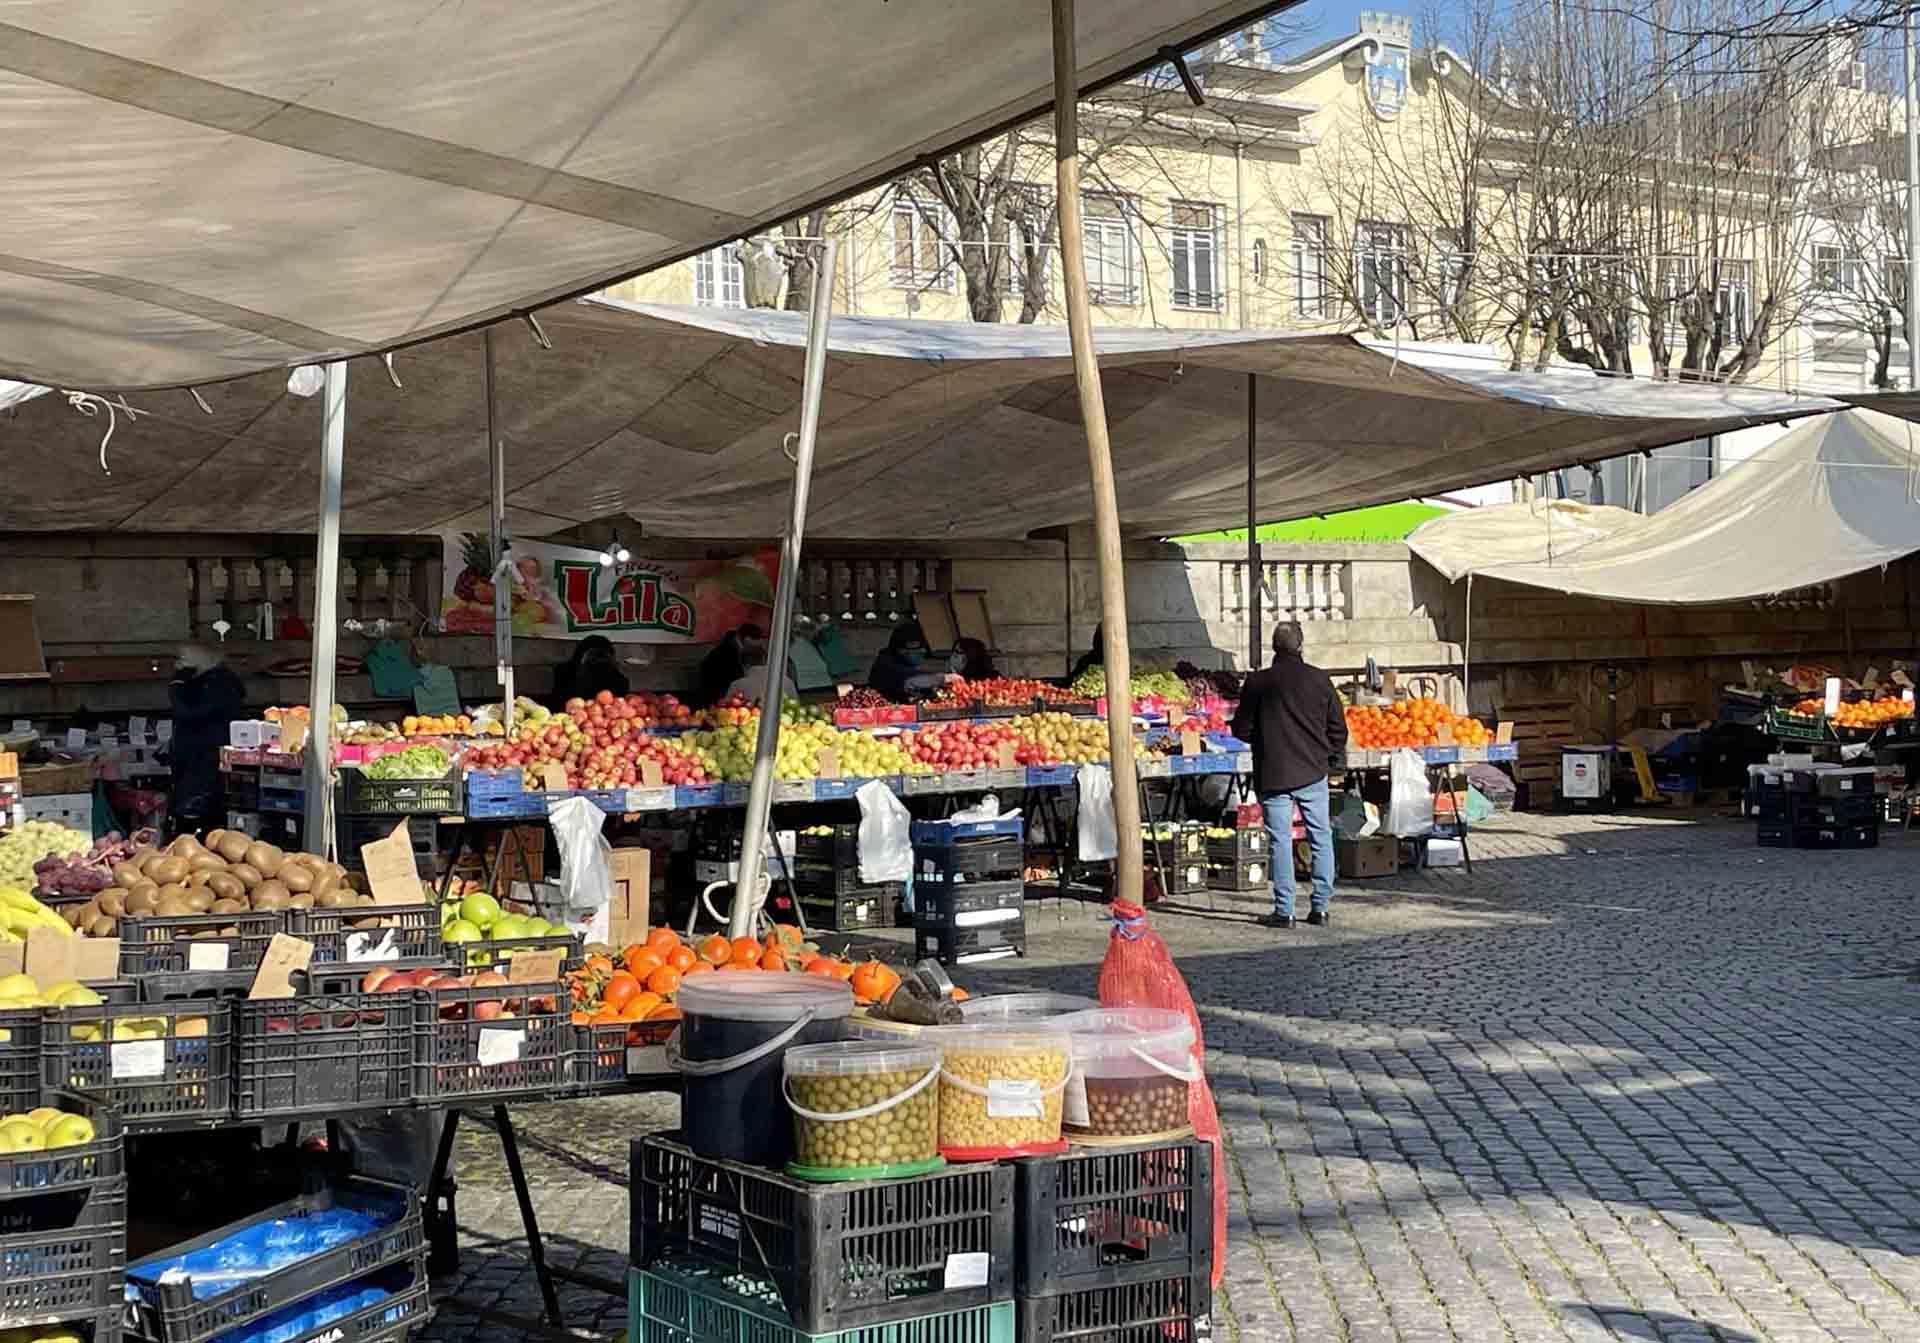 mercato-barcelos-banchi-frutta-portogallo